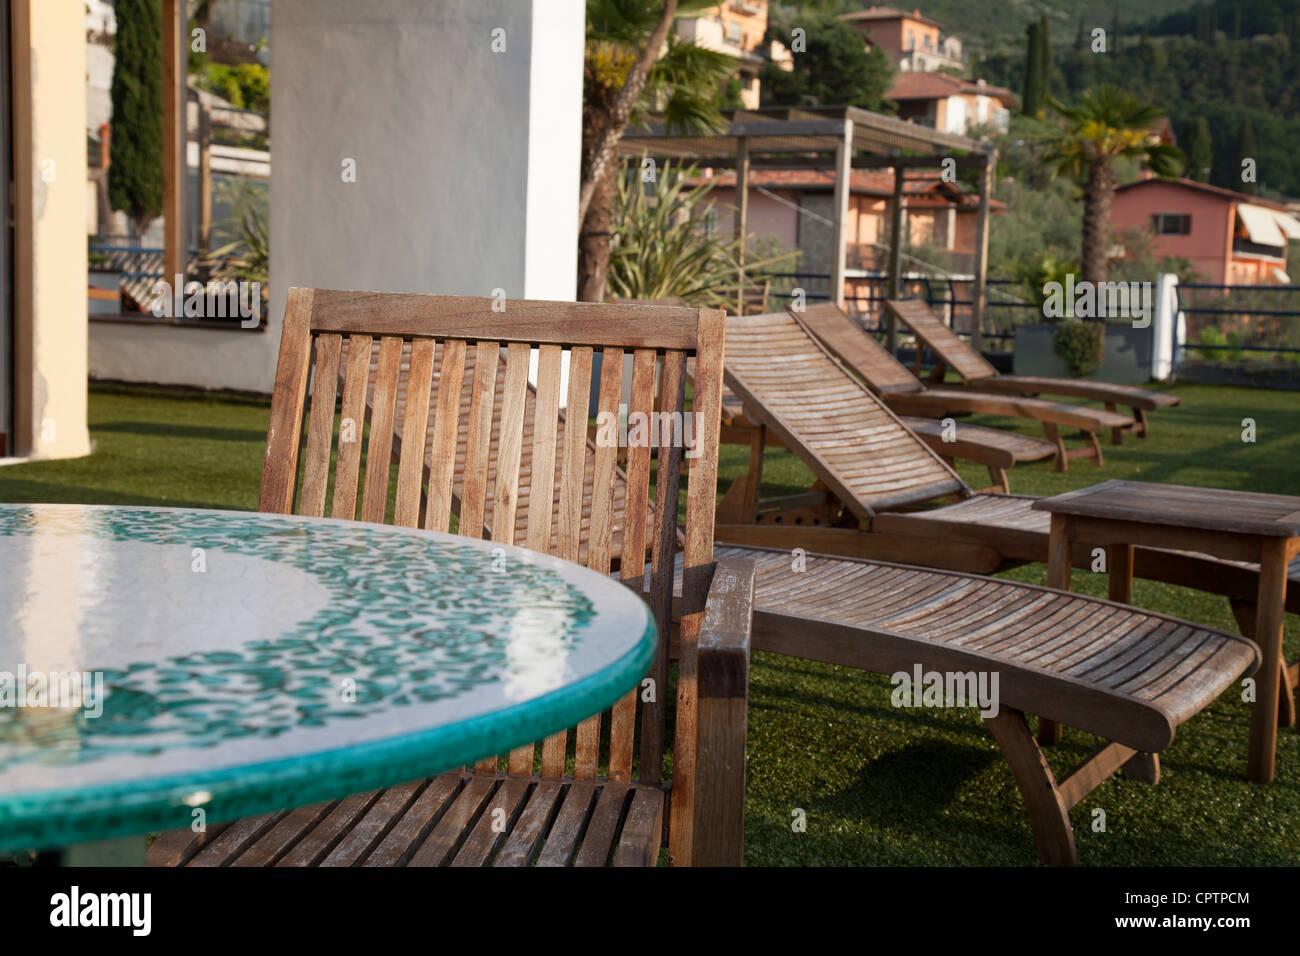 Gazon Synthetique Sur Terrasse Bois des chaises longues en bois sur le gazon artificiel de